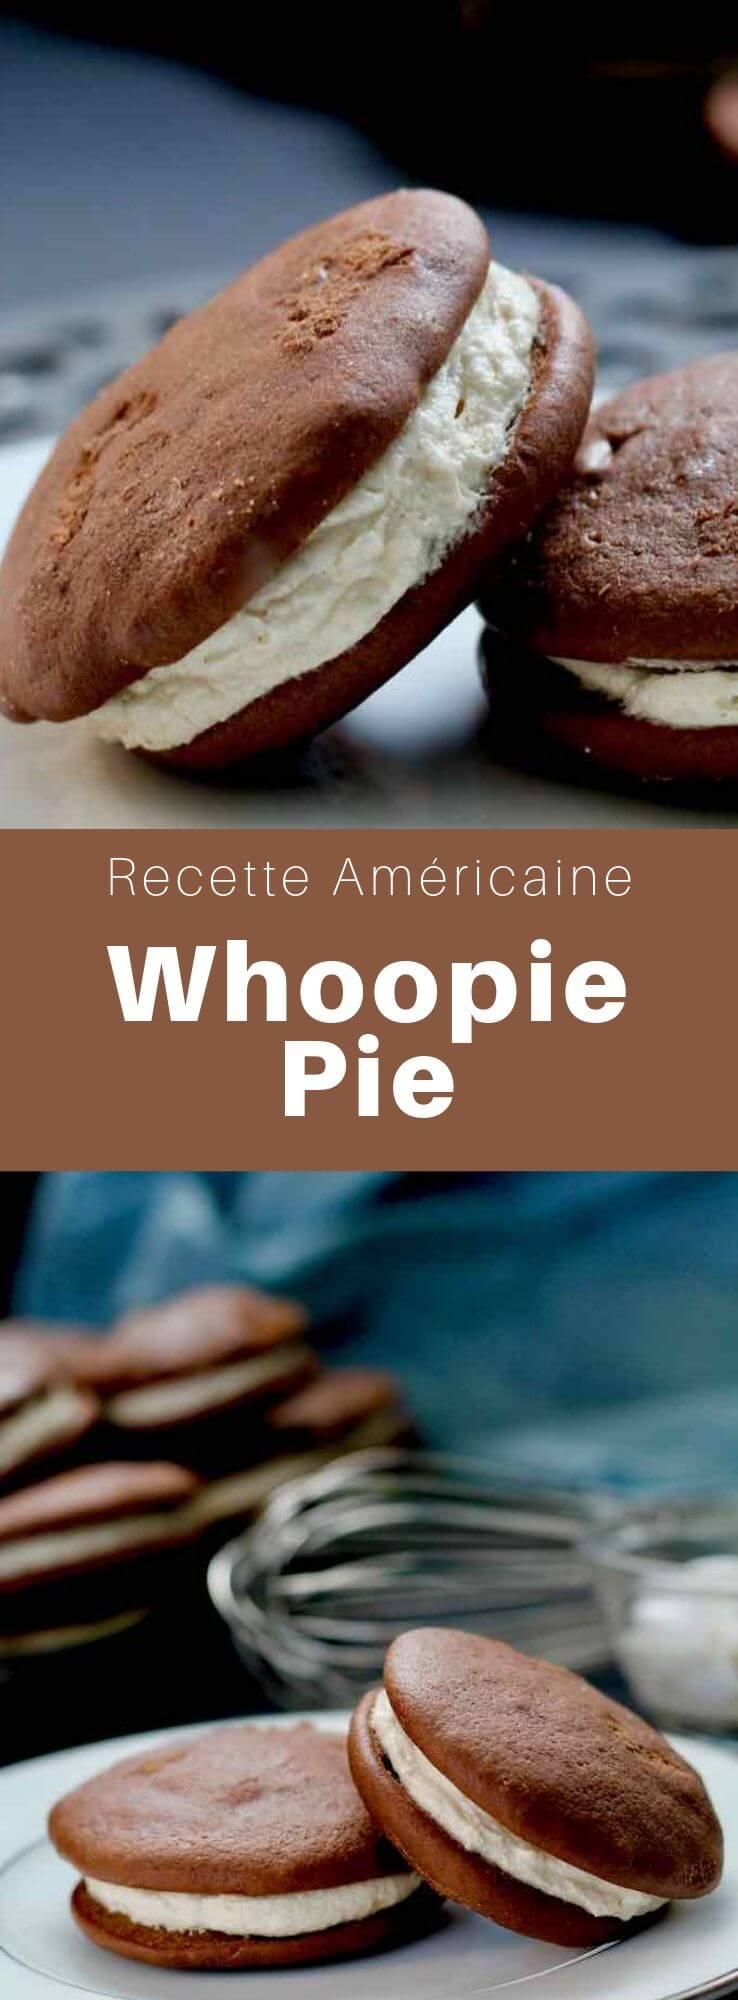 Le whoopie pie appelé également black moon, gob, black-and-white, devil dog, bob, ou BFO (Big Fat Oreo) est un gâteau américain composé de deux morceaux ronds de gâteau au chocolat garnis d'une crème au beurre et à la guimauve. #RecetteAmericaine #DessertAmericain #CuisineAmericaine #CuisineDuMonde #196flavors